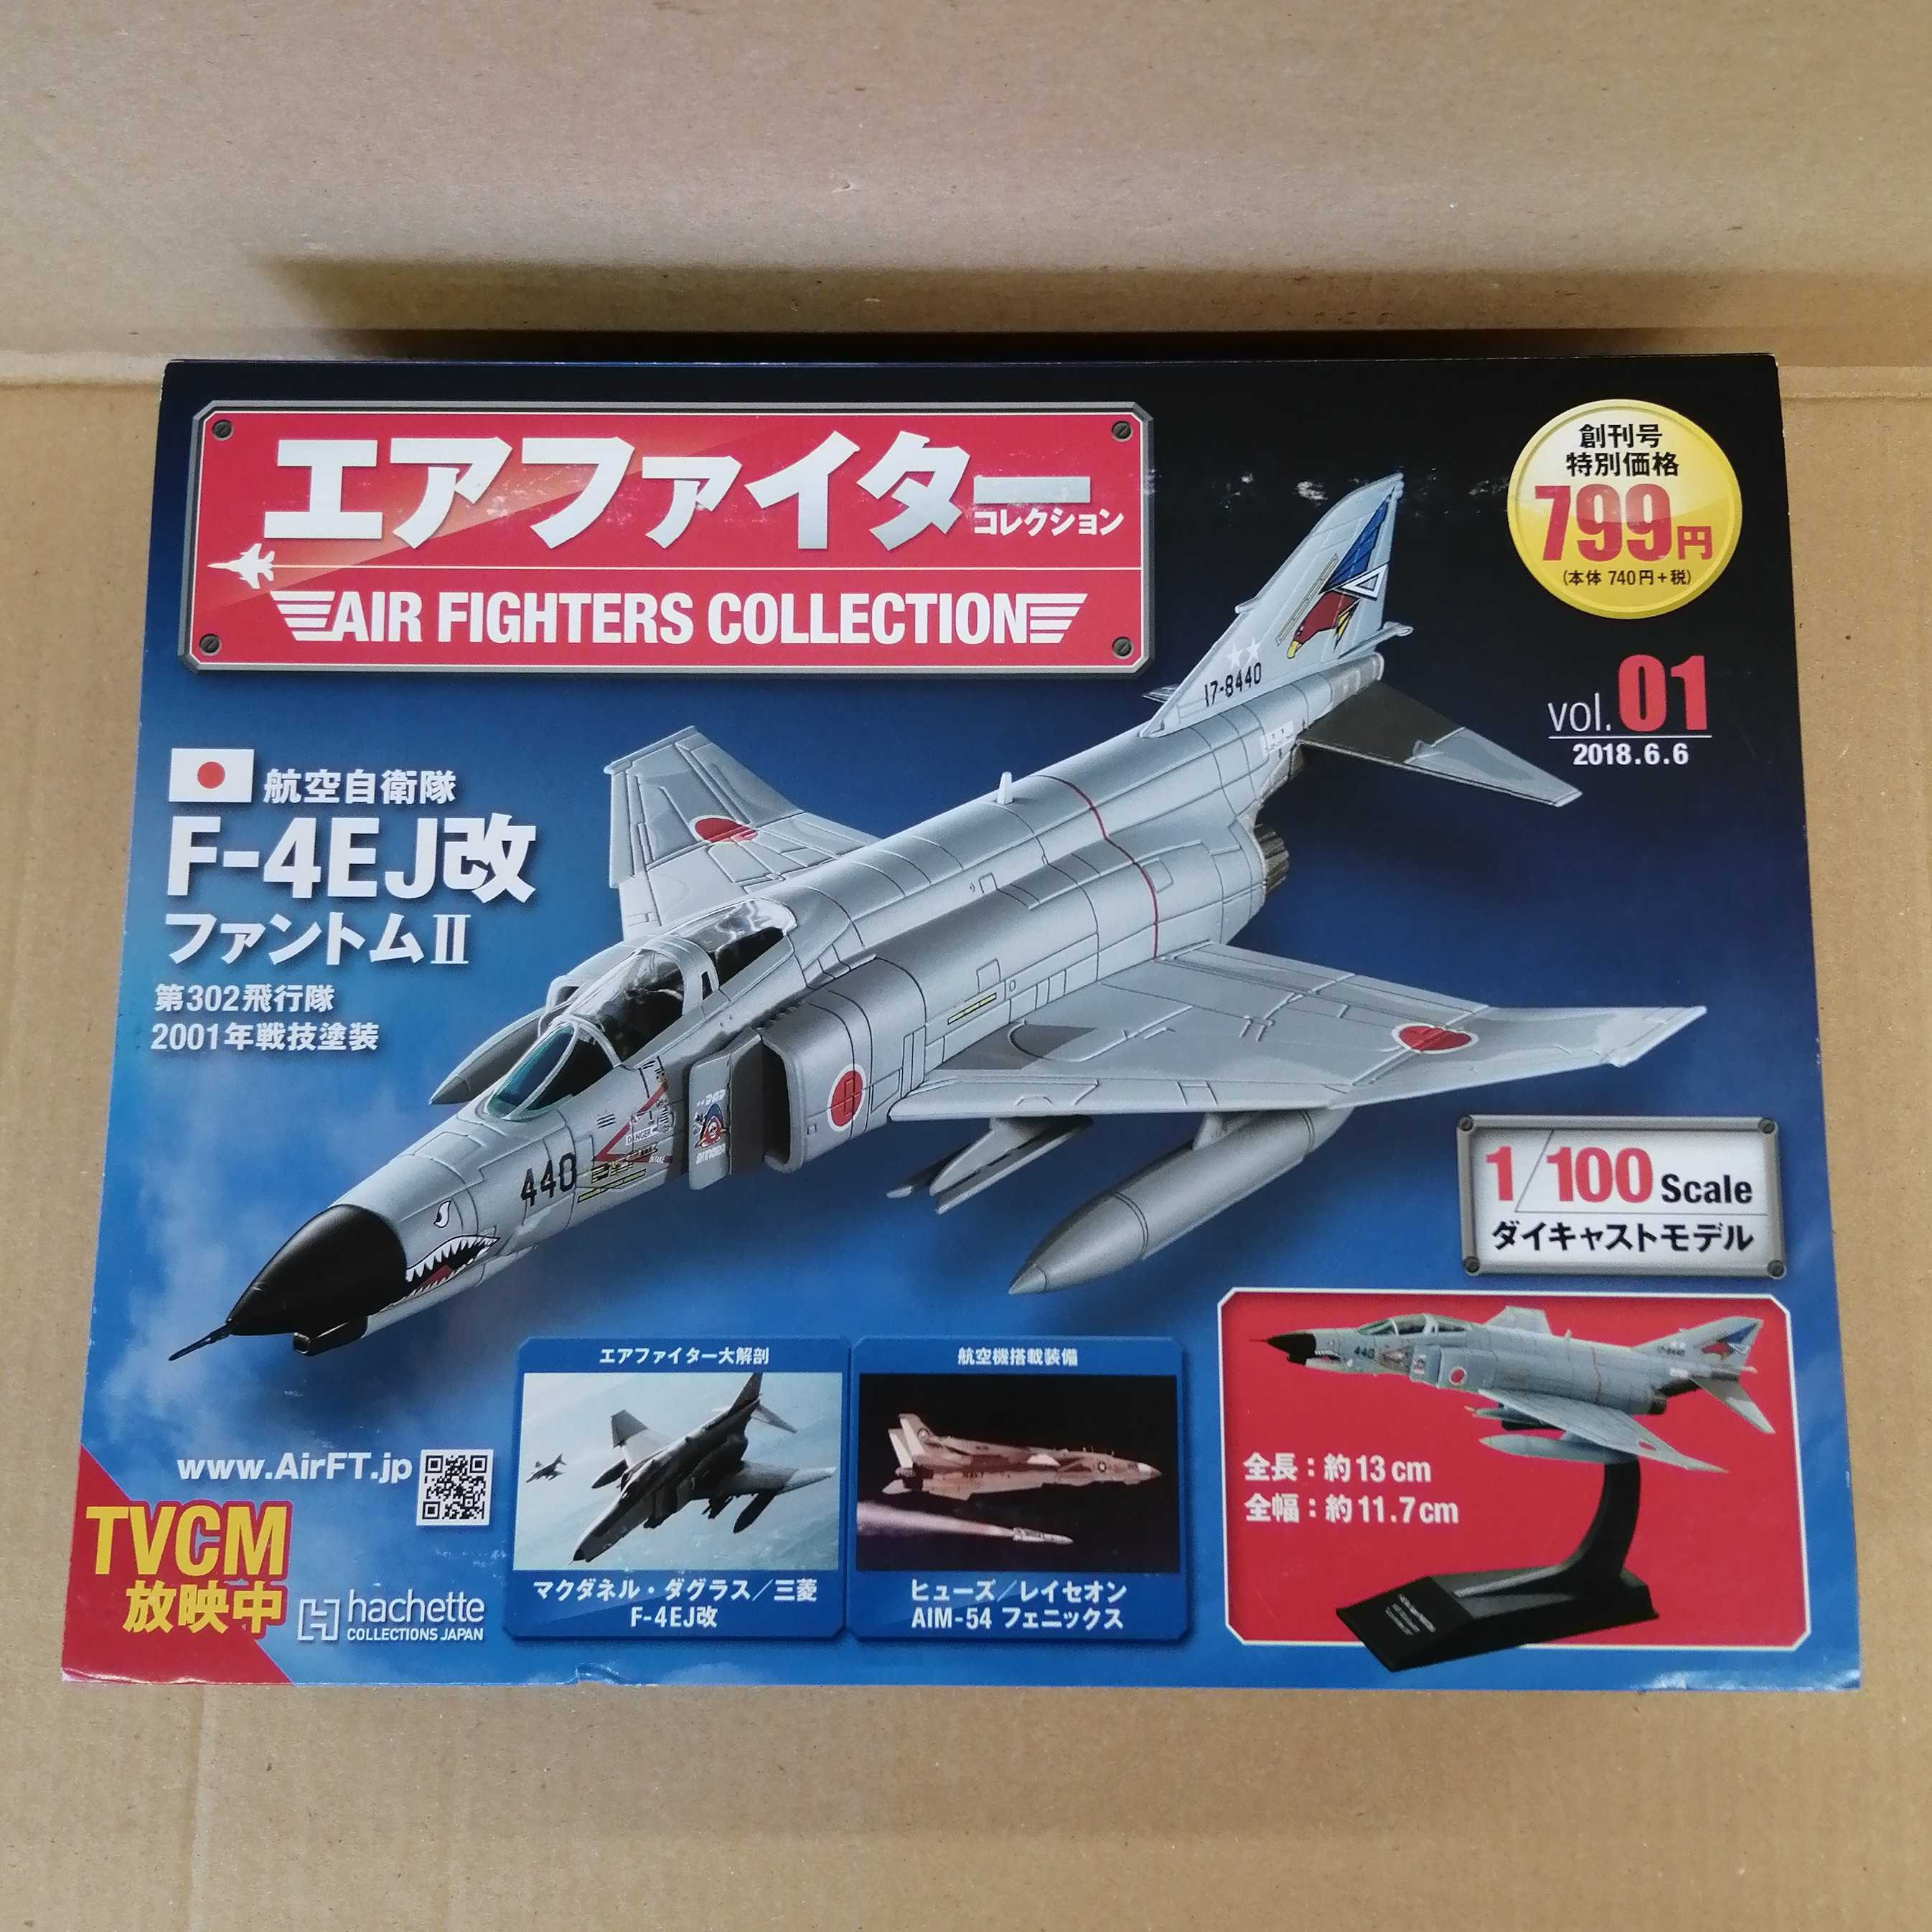 航空自衛隊 F-4EJ改 ファントムⅡ アシェット・コレクションズ